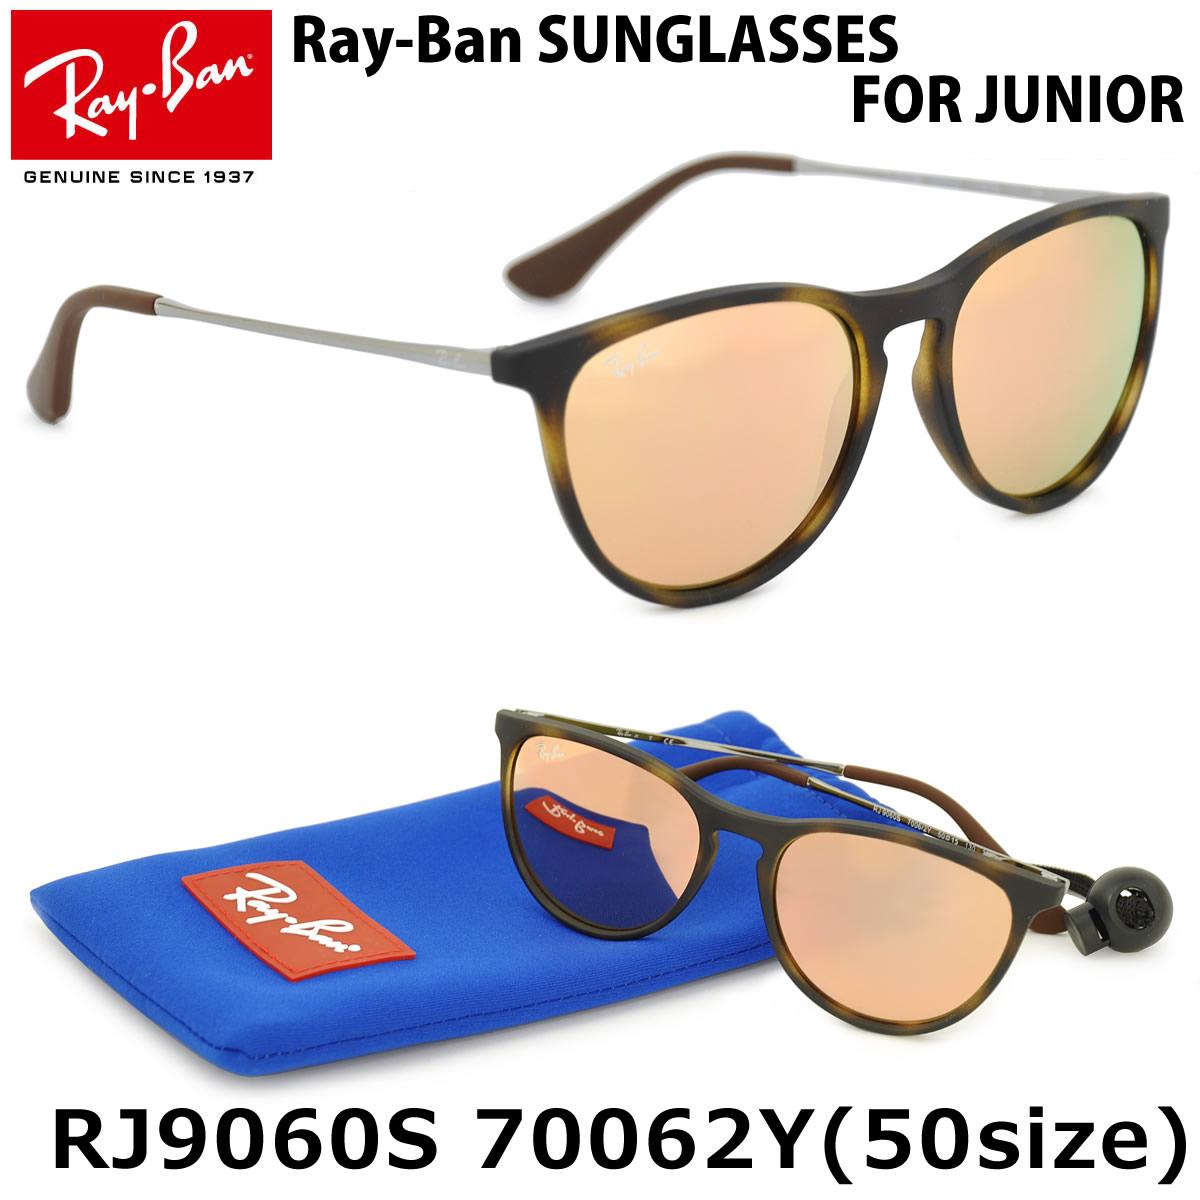 41c25acbf6 (Ray-Ban) sunglasses RJ9060S70062Y 50 size junior ERIKA Erika IZZY Junior  kids child RayBan Kids Playground